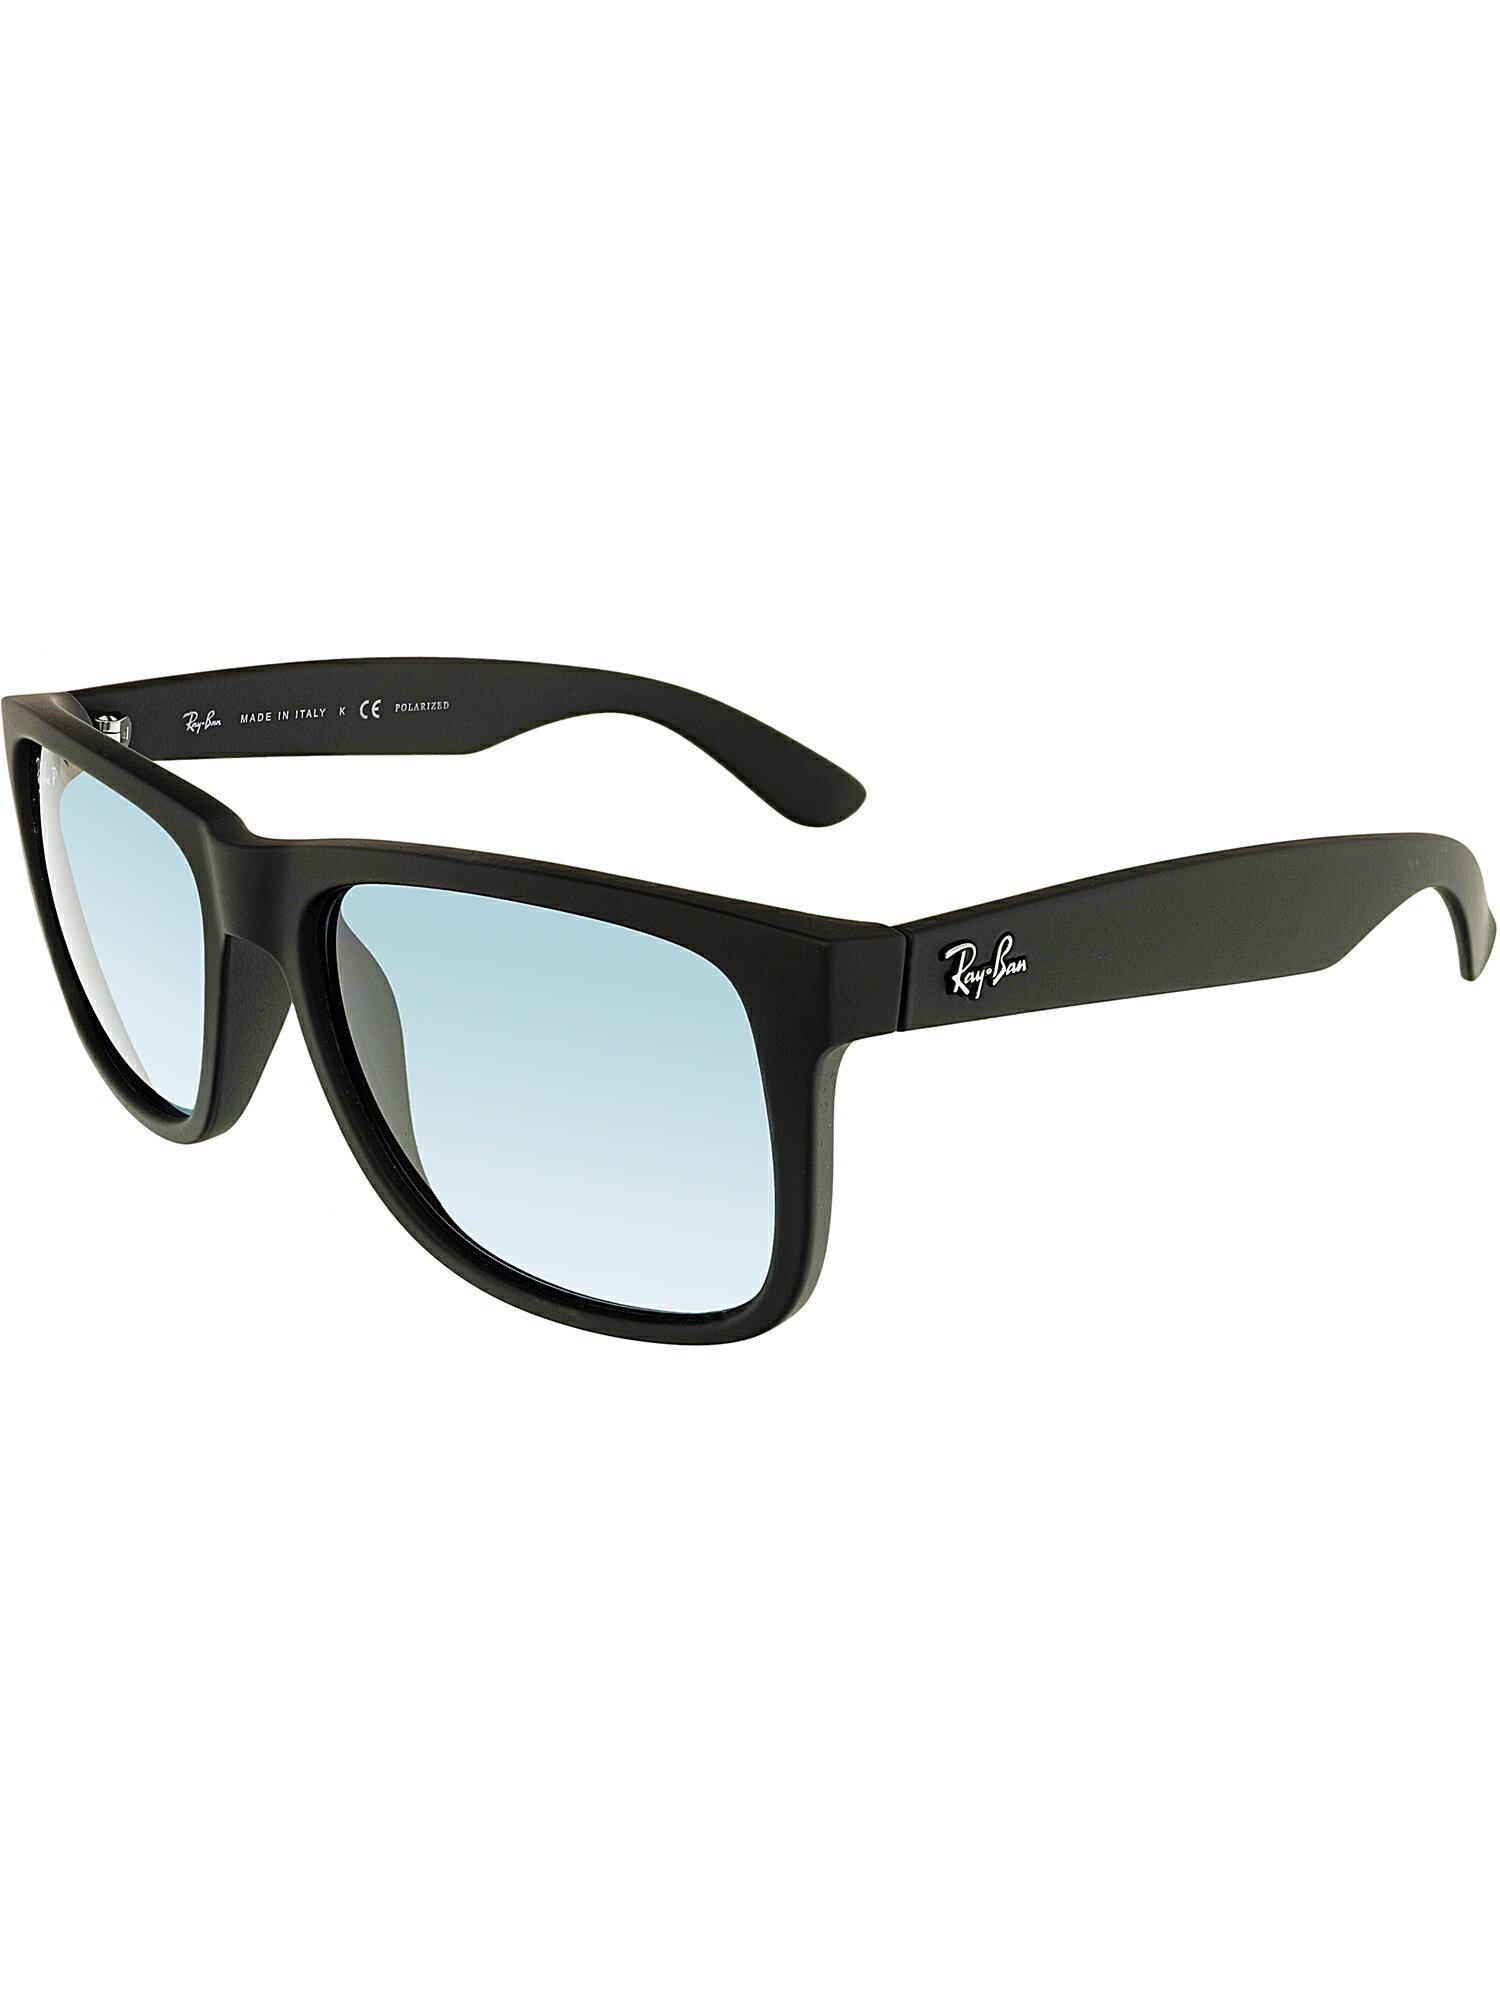 e2607d634d31 Ray-Ban Men s Polarized Justin RB4165-622 2V-54 Black Square Sunglasses